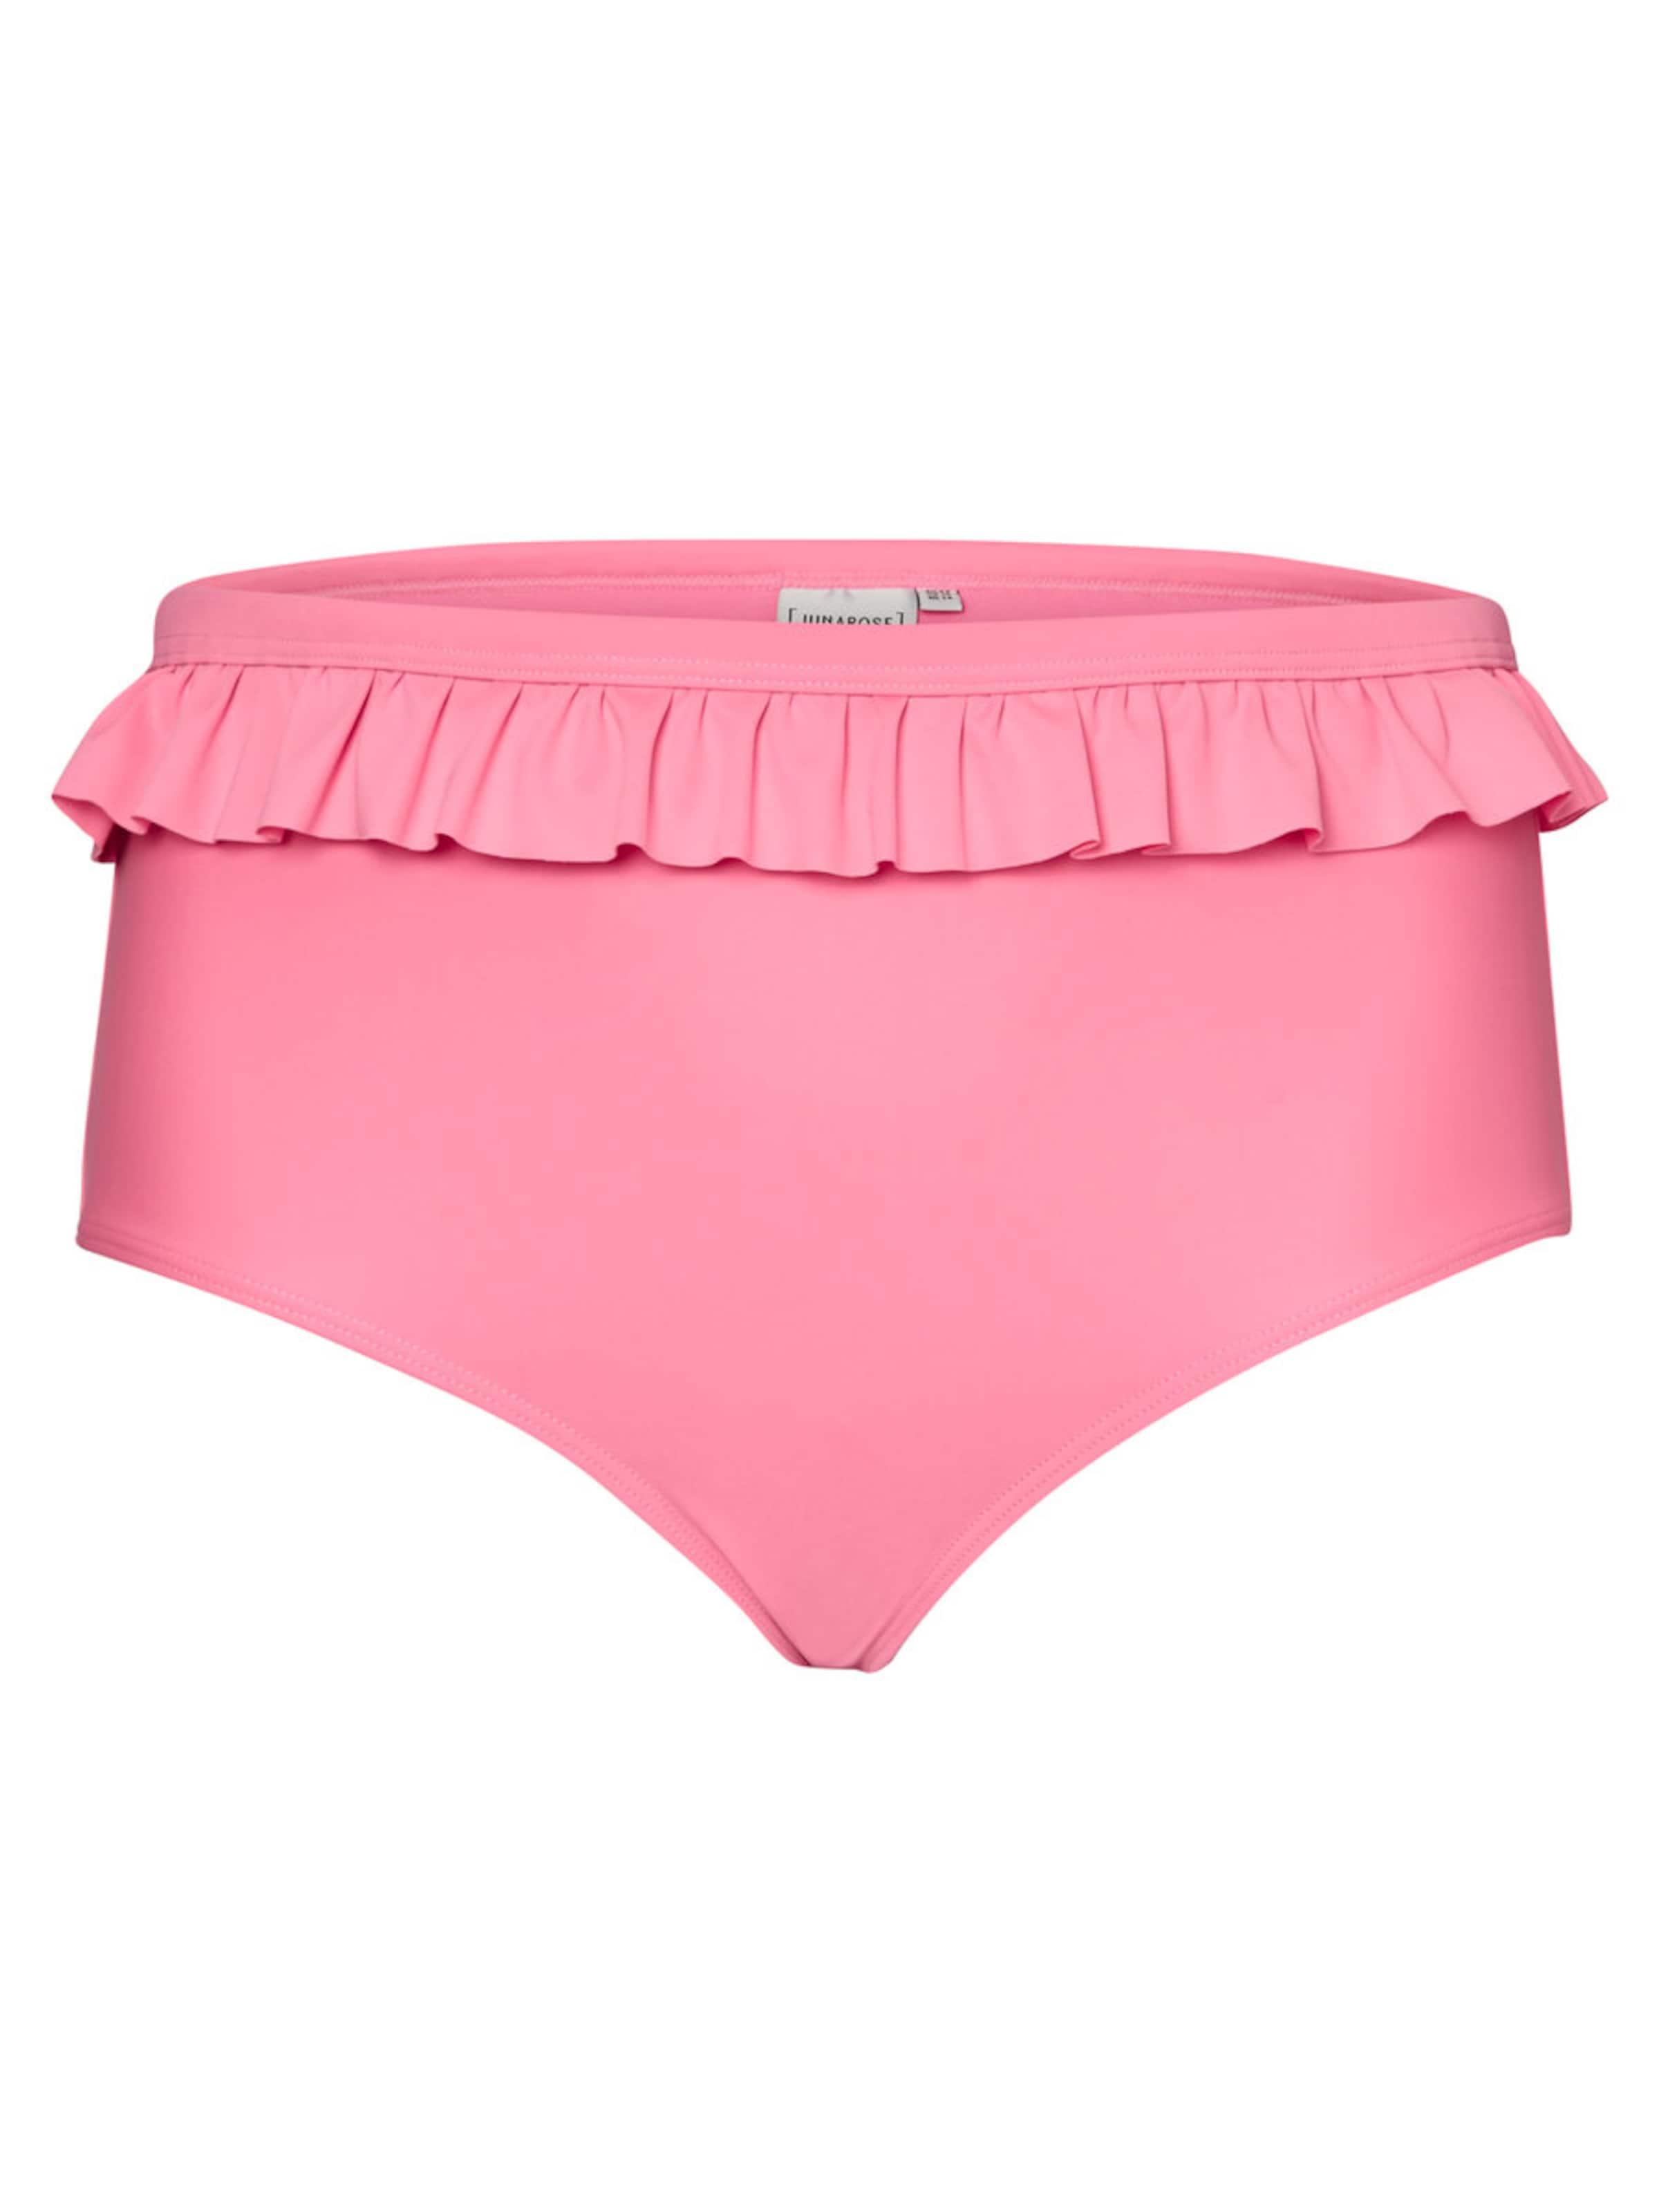 höschen Pink Junarose Junarose Bikini In 7y6gfYbIvm